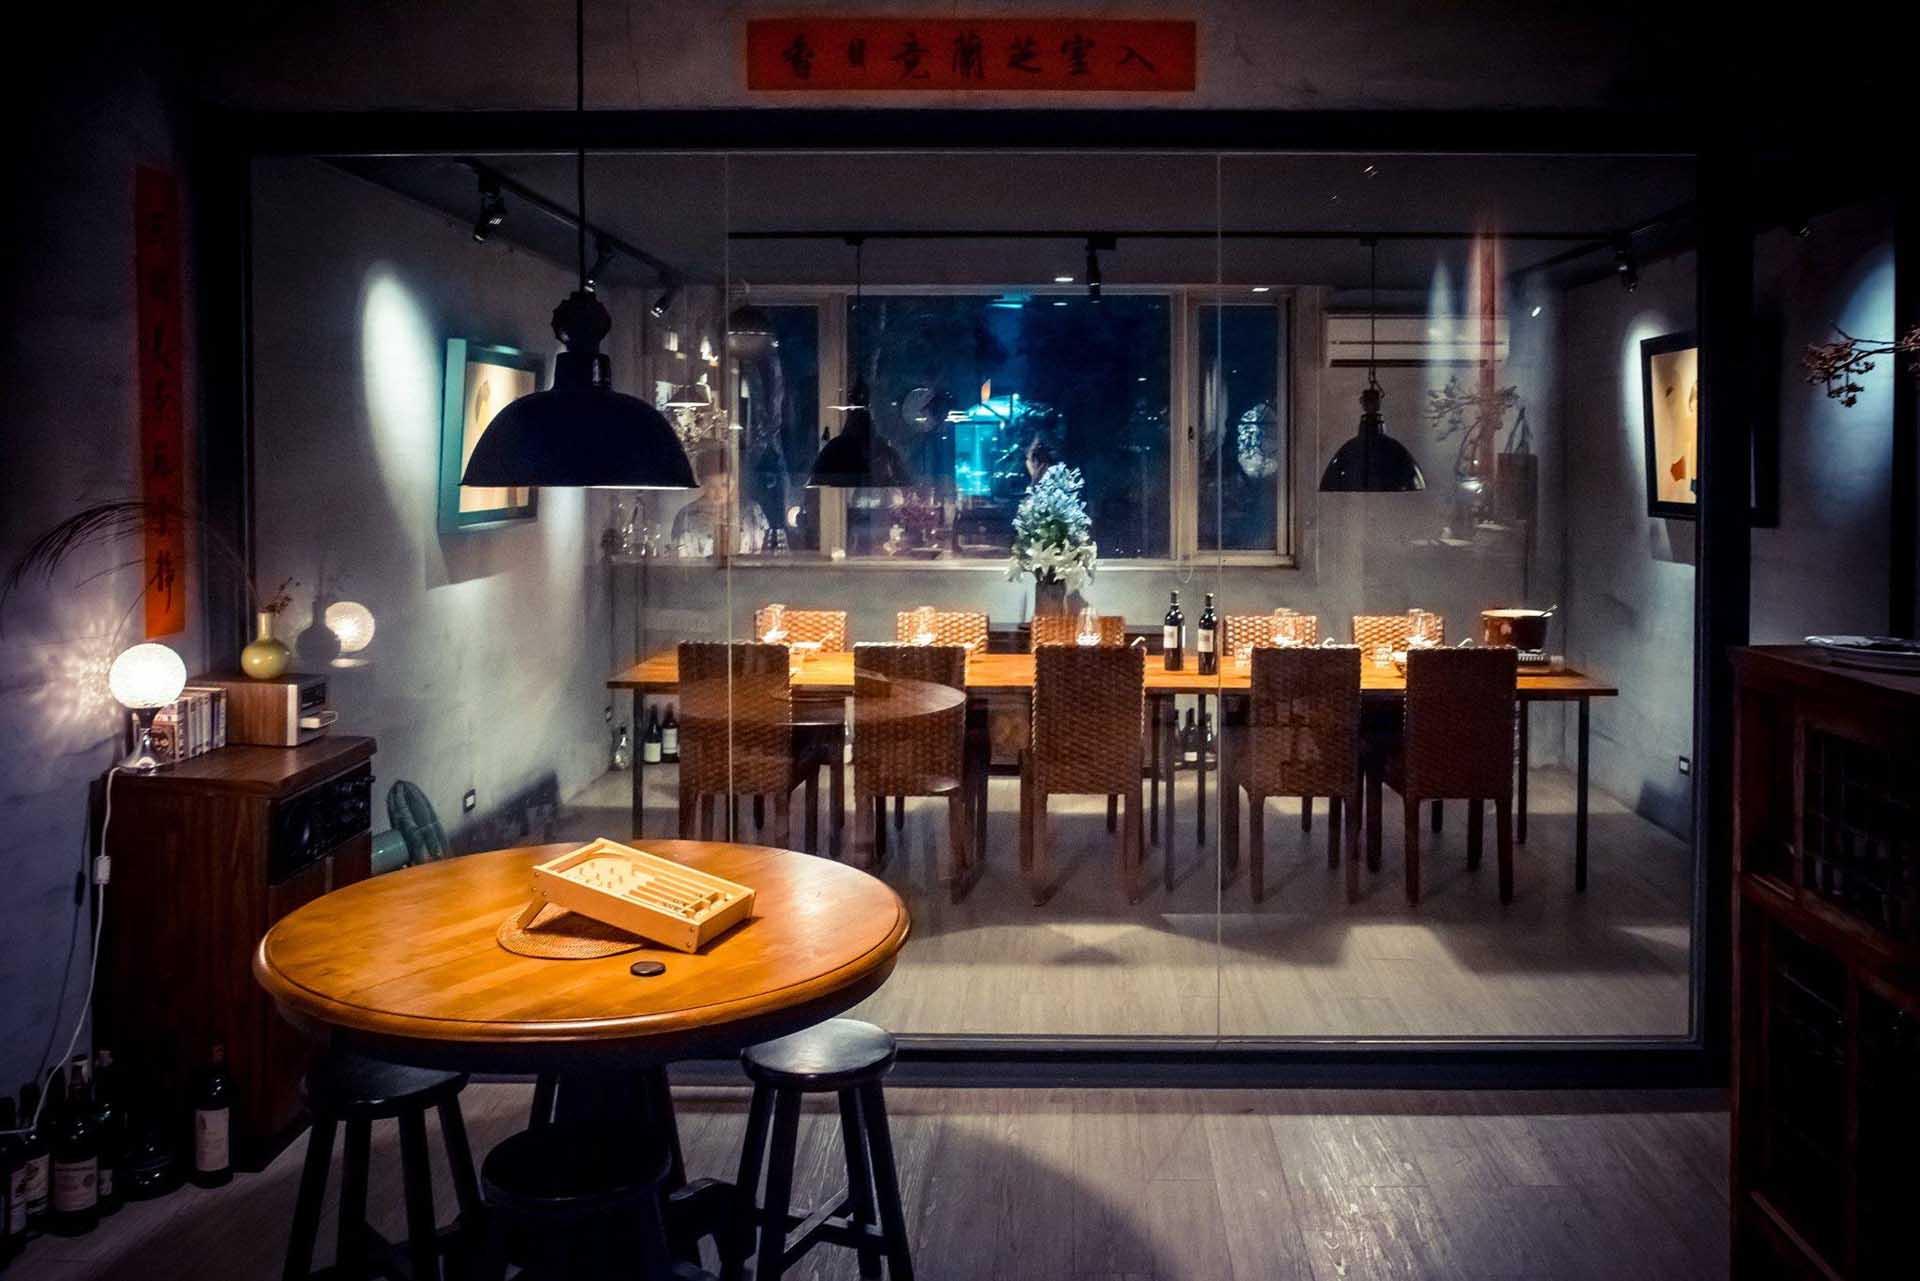 夫妻檔的空間設計俐落簡潔,每次只能招待最多10 位客人。(圖/夫妻檔客家料理.私房FB)